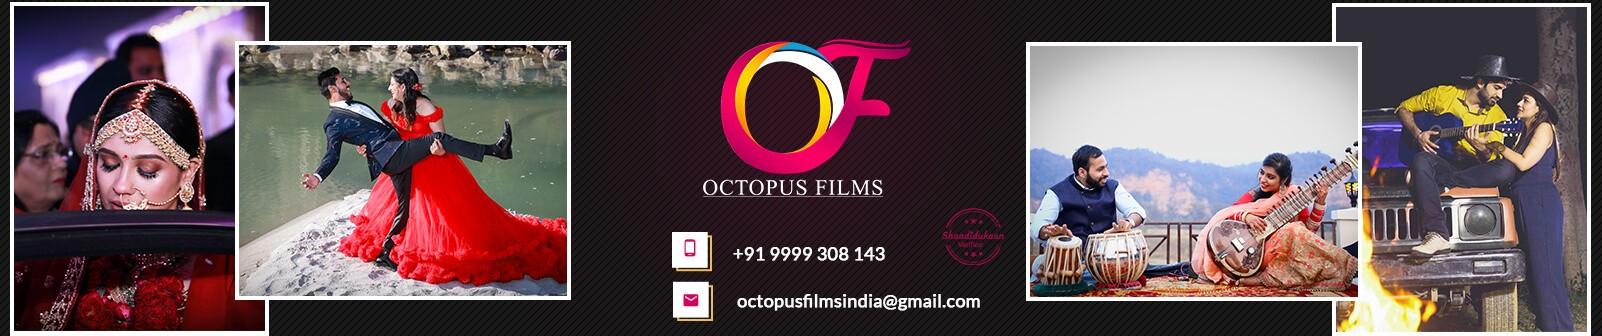 Octopus Films 2